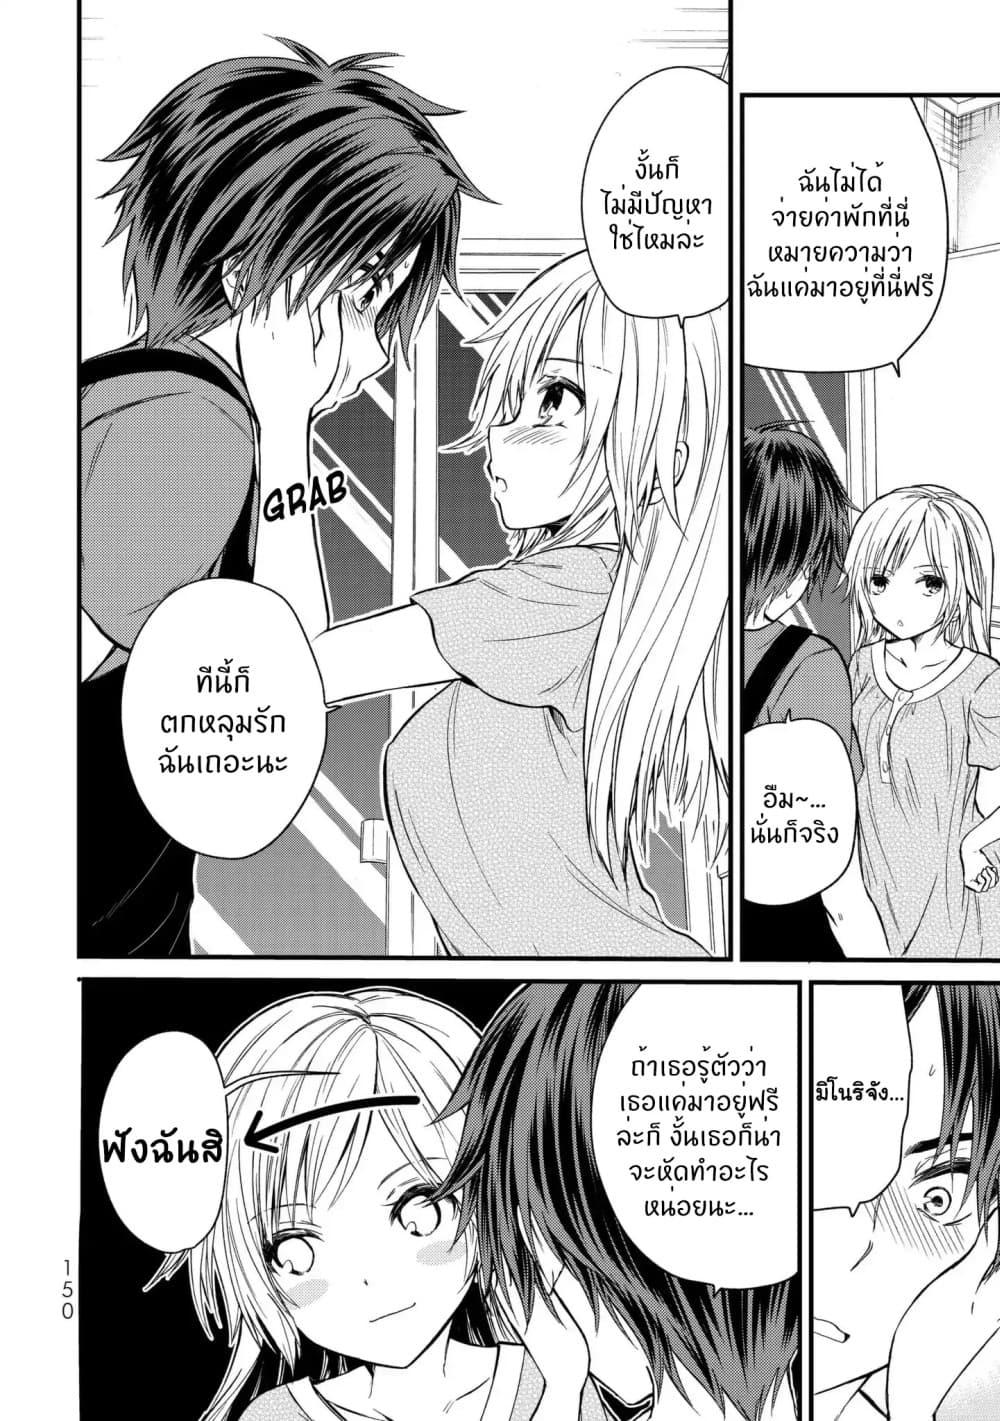 อ่านการ์ตูน Ojousama no Shimobe ตอนที่ 18 หน้าที่ 7